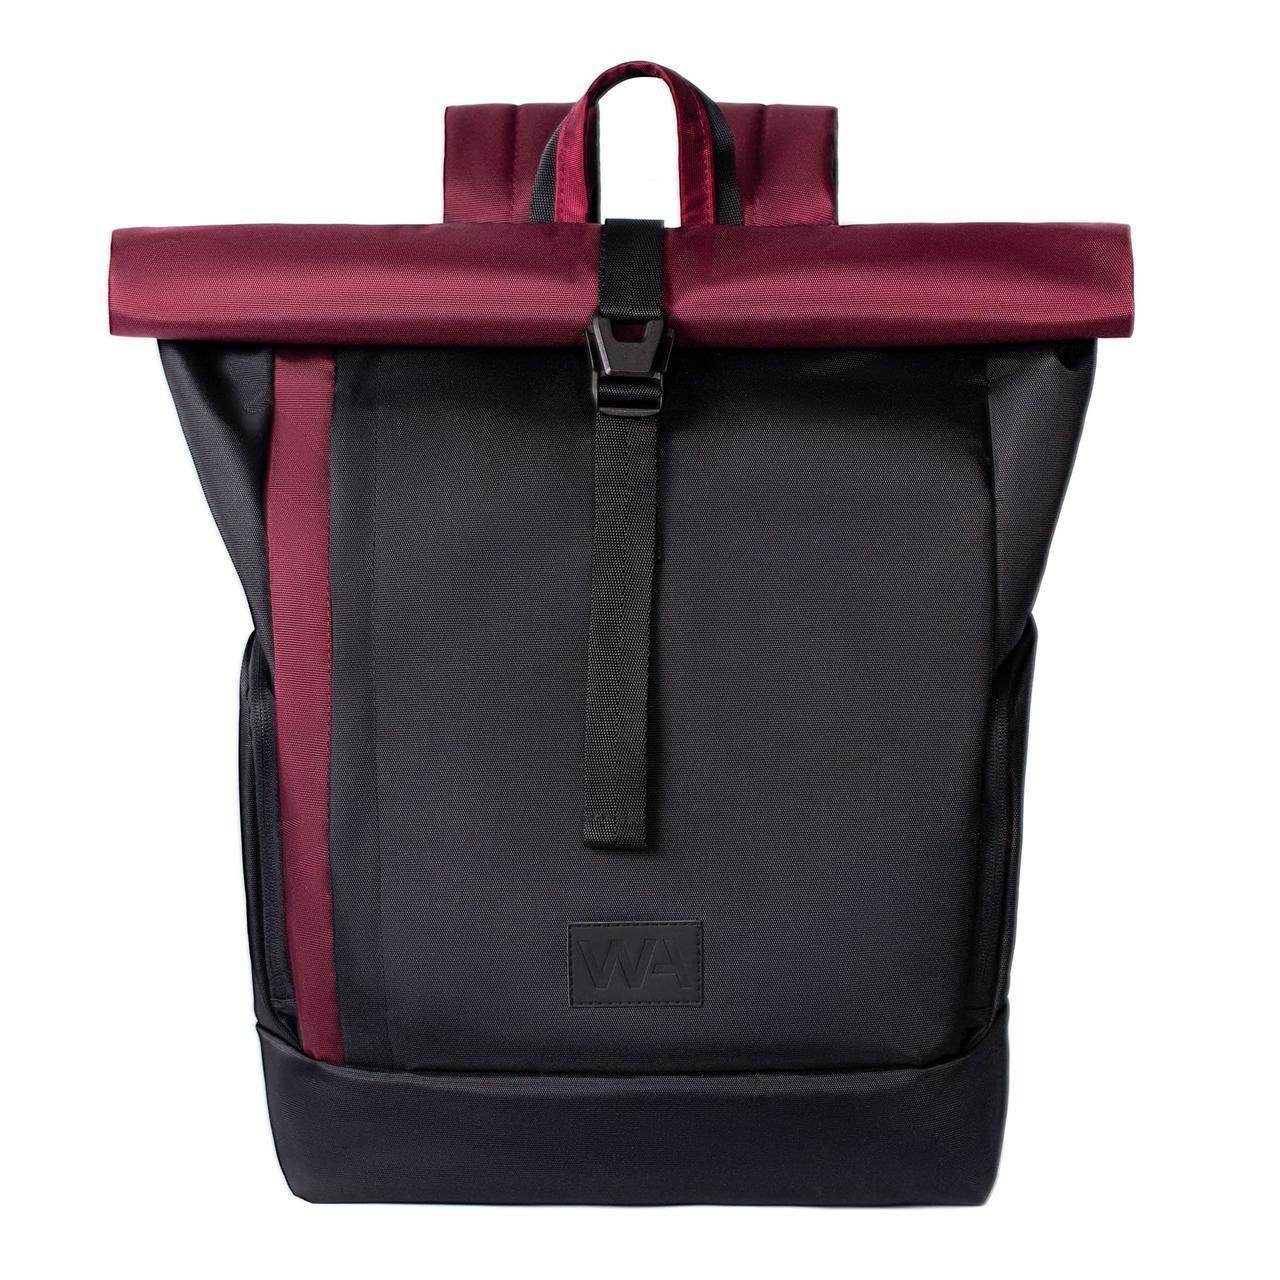 Городской рюкзак для ноутбука Wasco Kane Roll Черный-Бордо